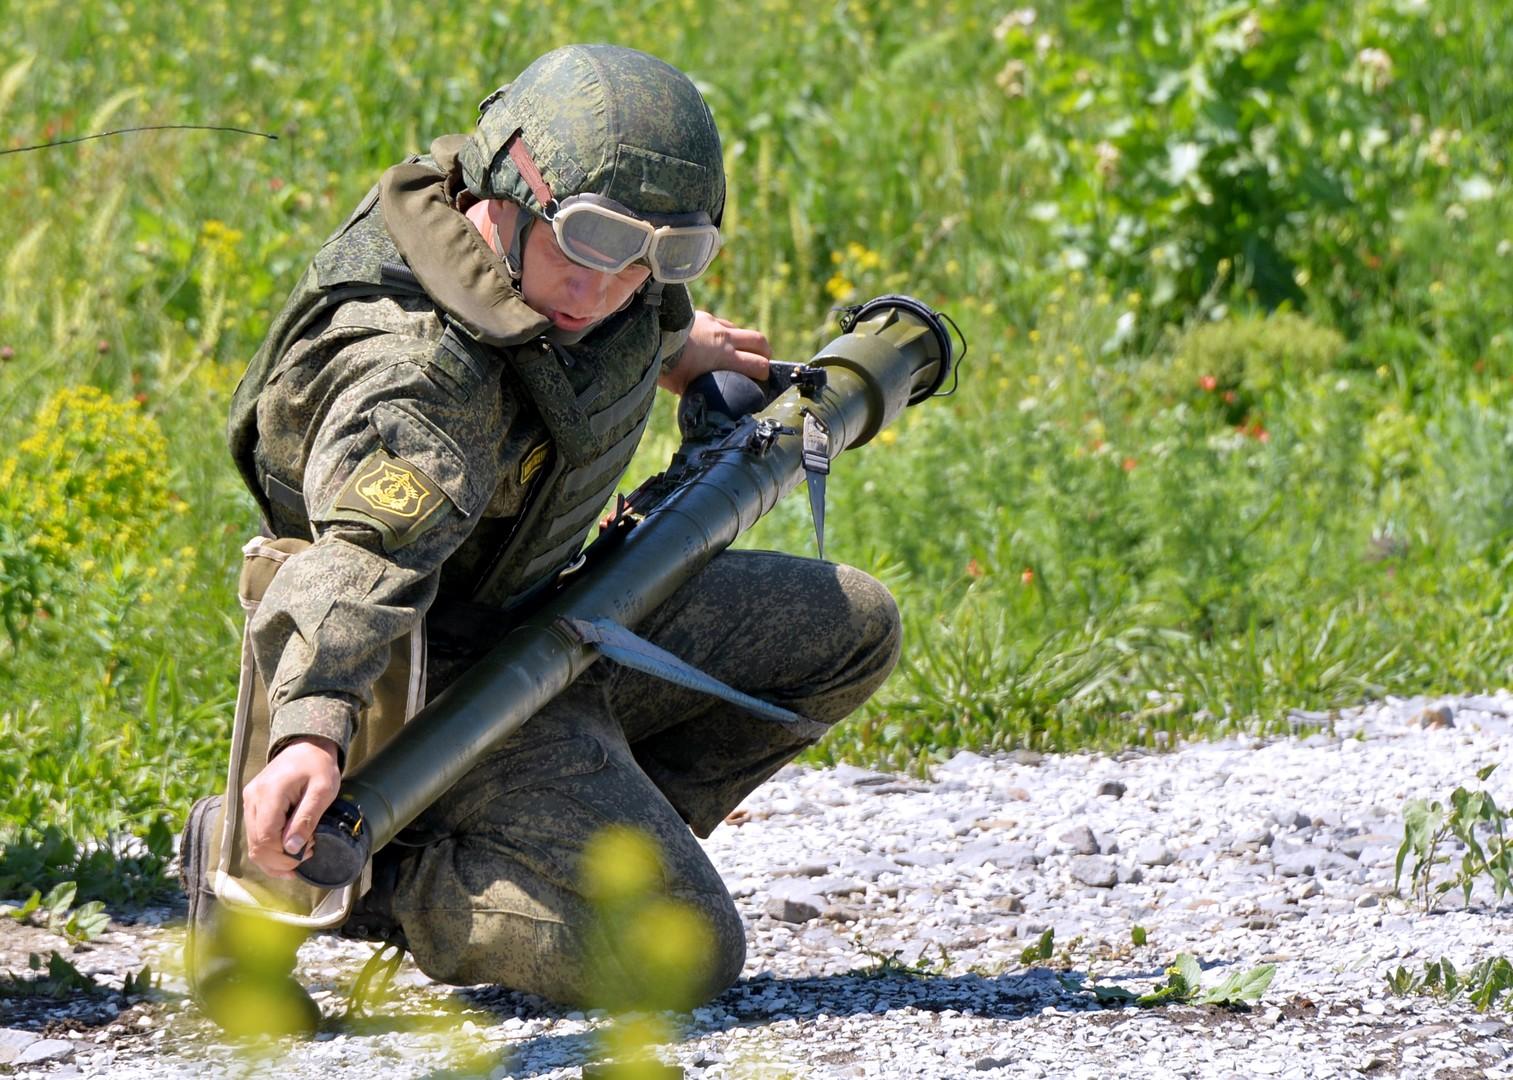 Ночной «Охотник»: российские военные смогут управлять ПЗРК на расстоянии